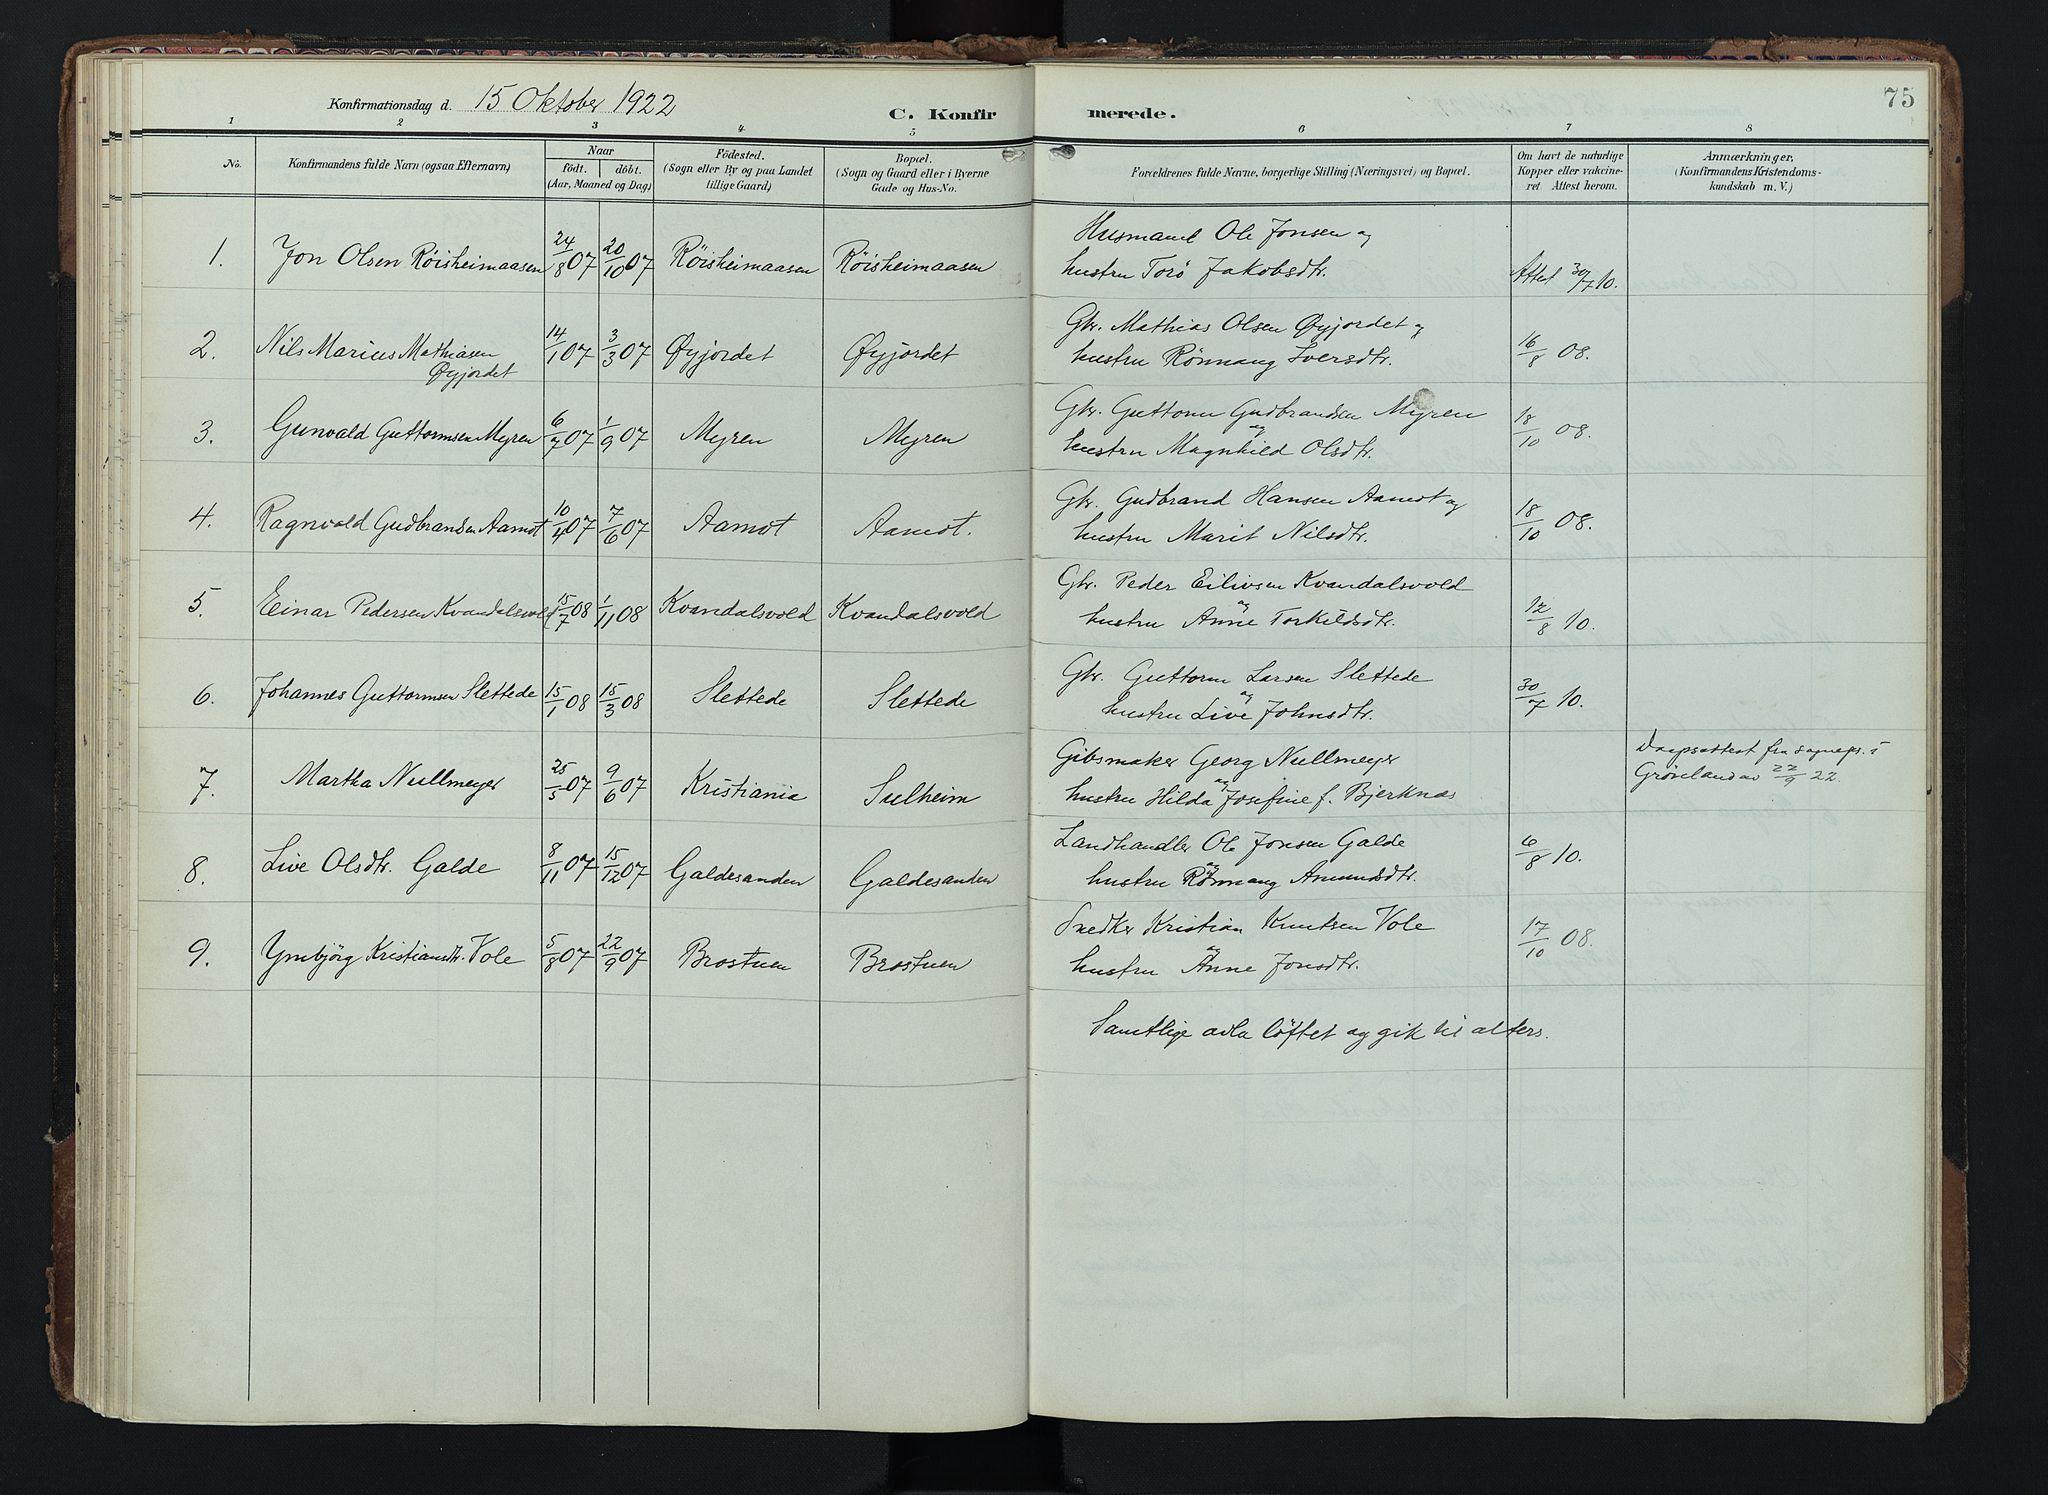 SAH, Lom prestekontor, K/L0012: Ministerialbok nr. 12, 1904-1928, s. 75